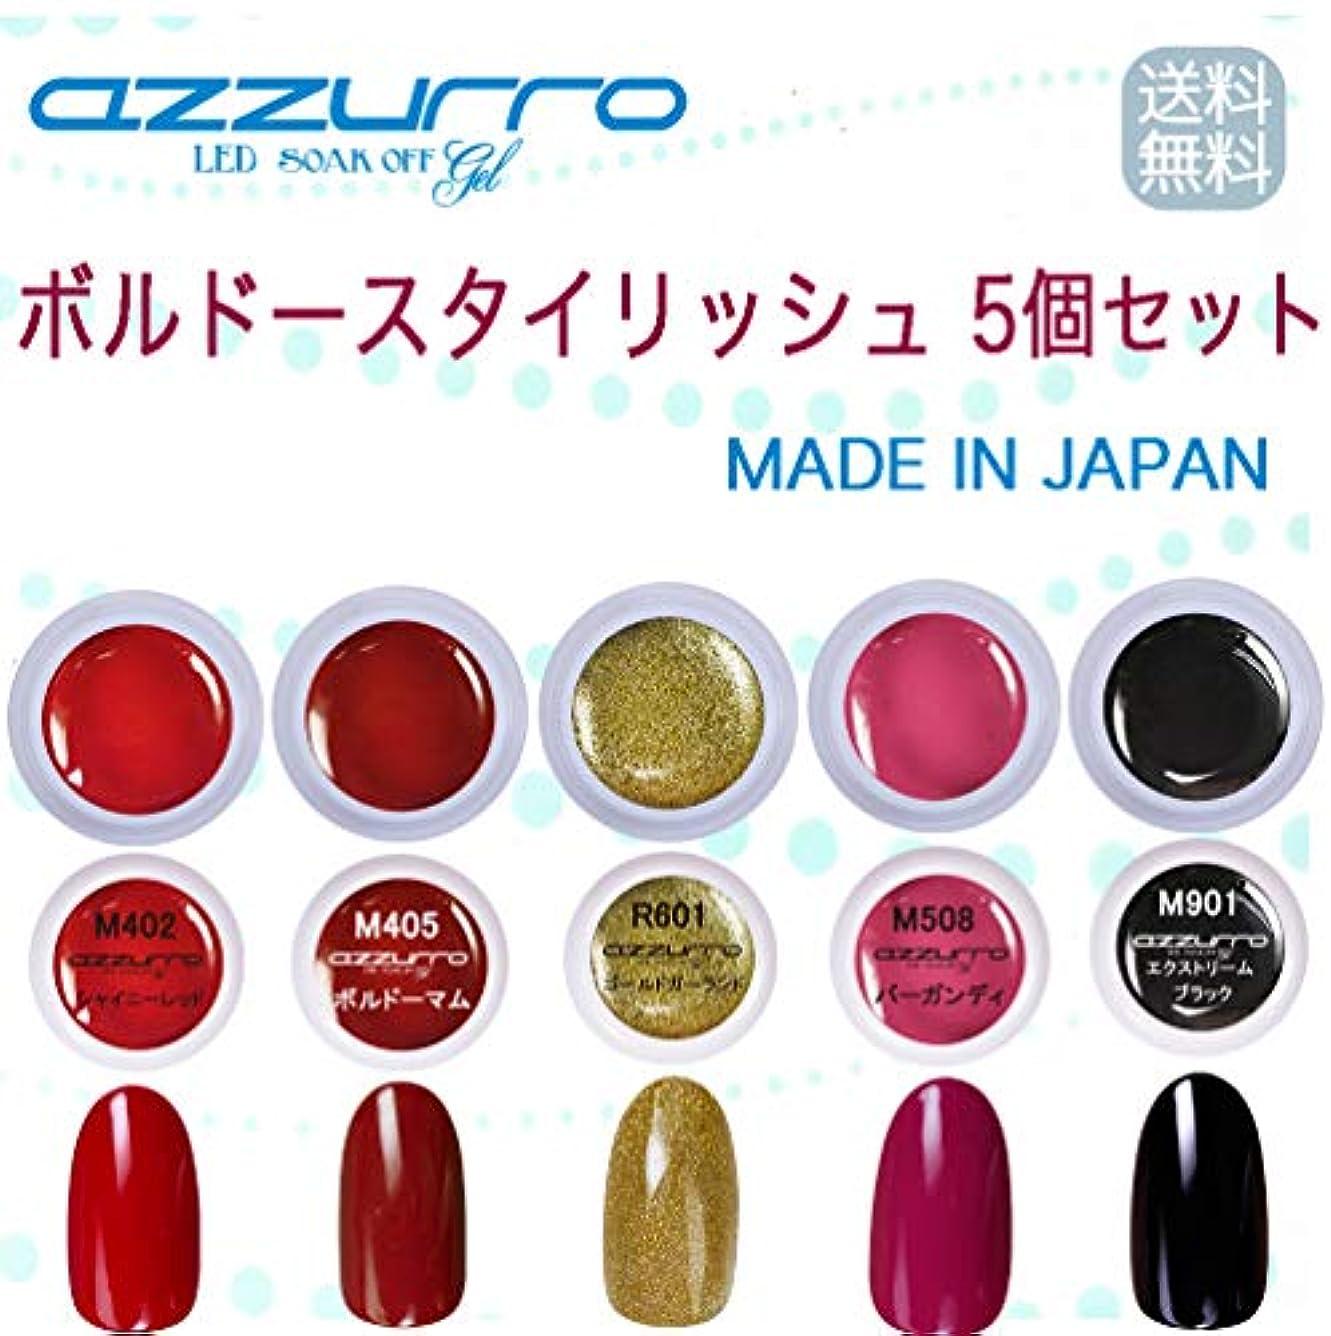 カメスリル承認【送料無料】日本製 azzurro gel ボルドースタイリッシュカラージェル5個セット ネイルアートのマストカラーボルドーとブラックをセット